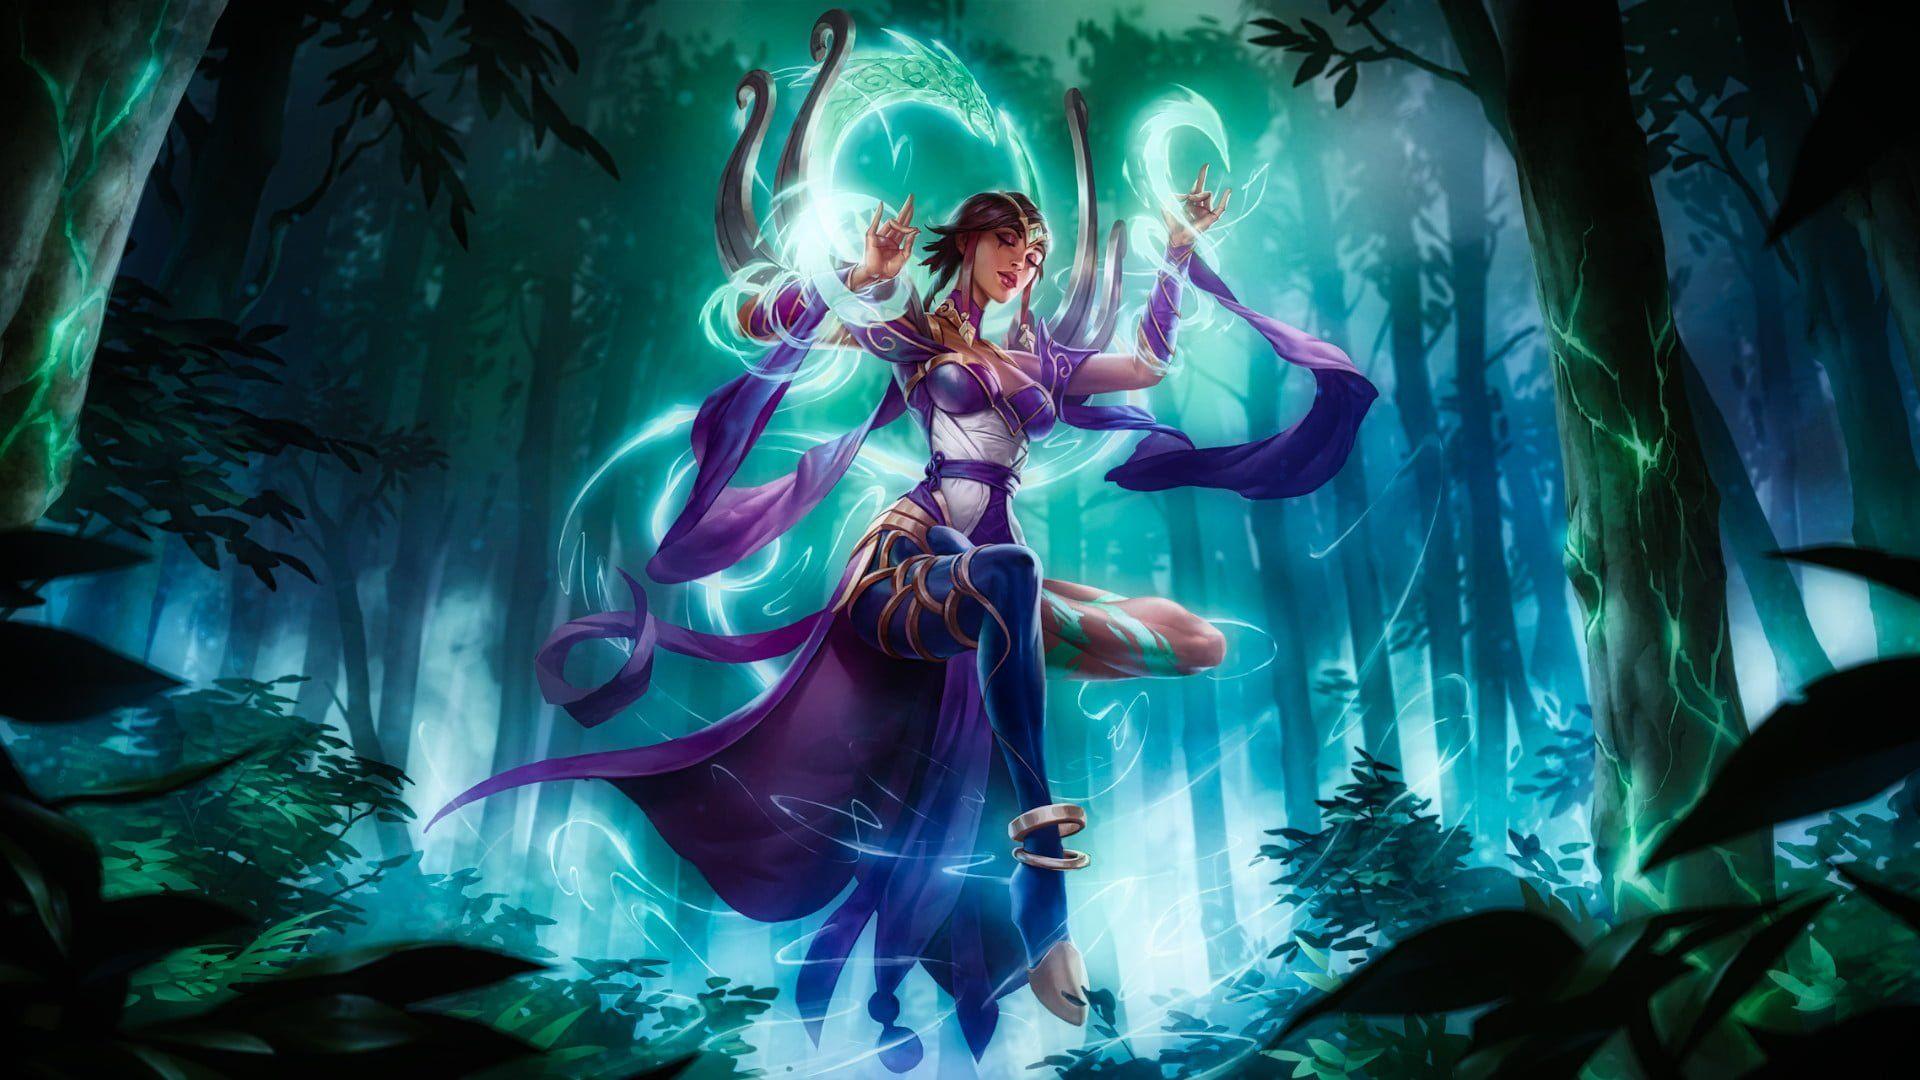 Legends Of Runeterra Wallpapers L2pbomb League Of Legends Lol League Of Legends Character Art